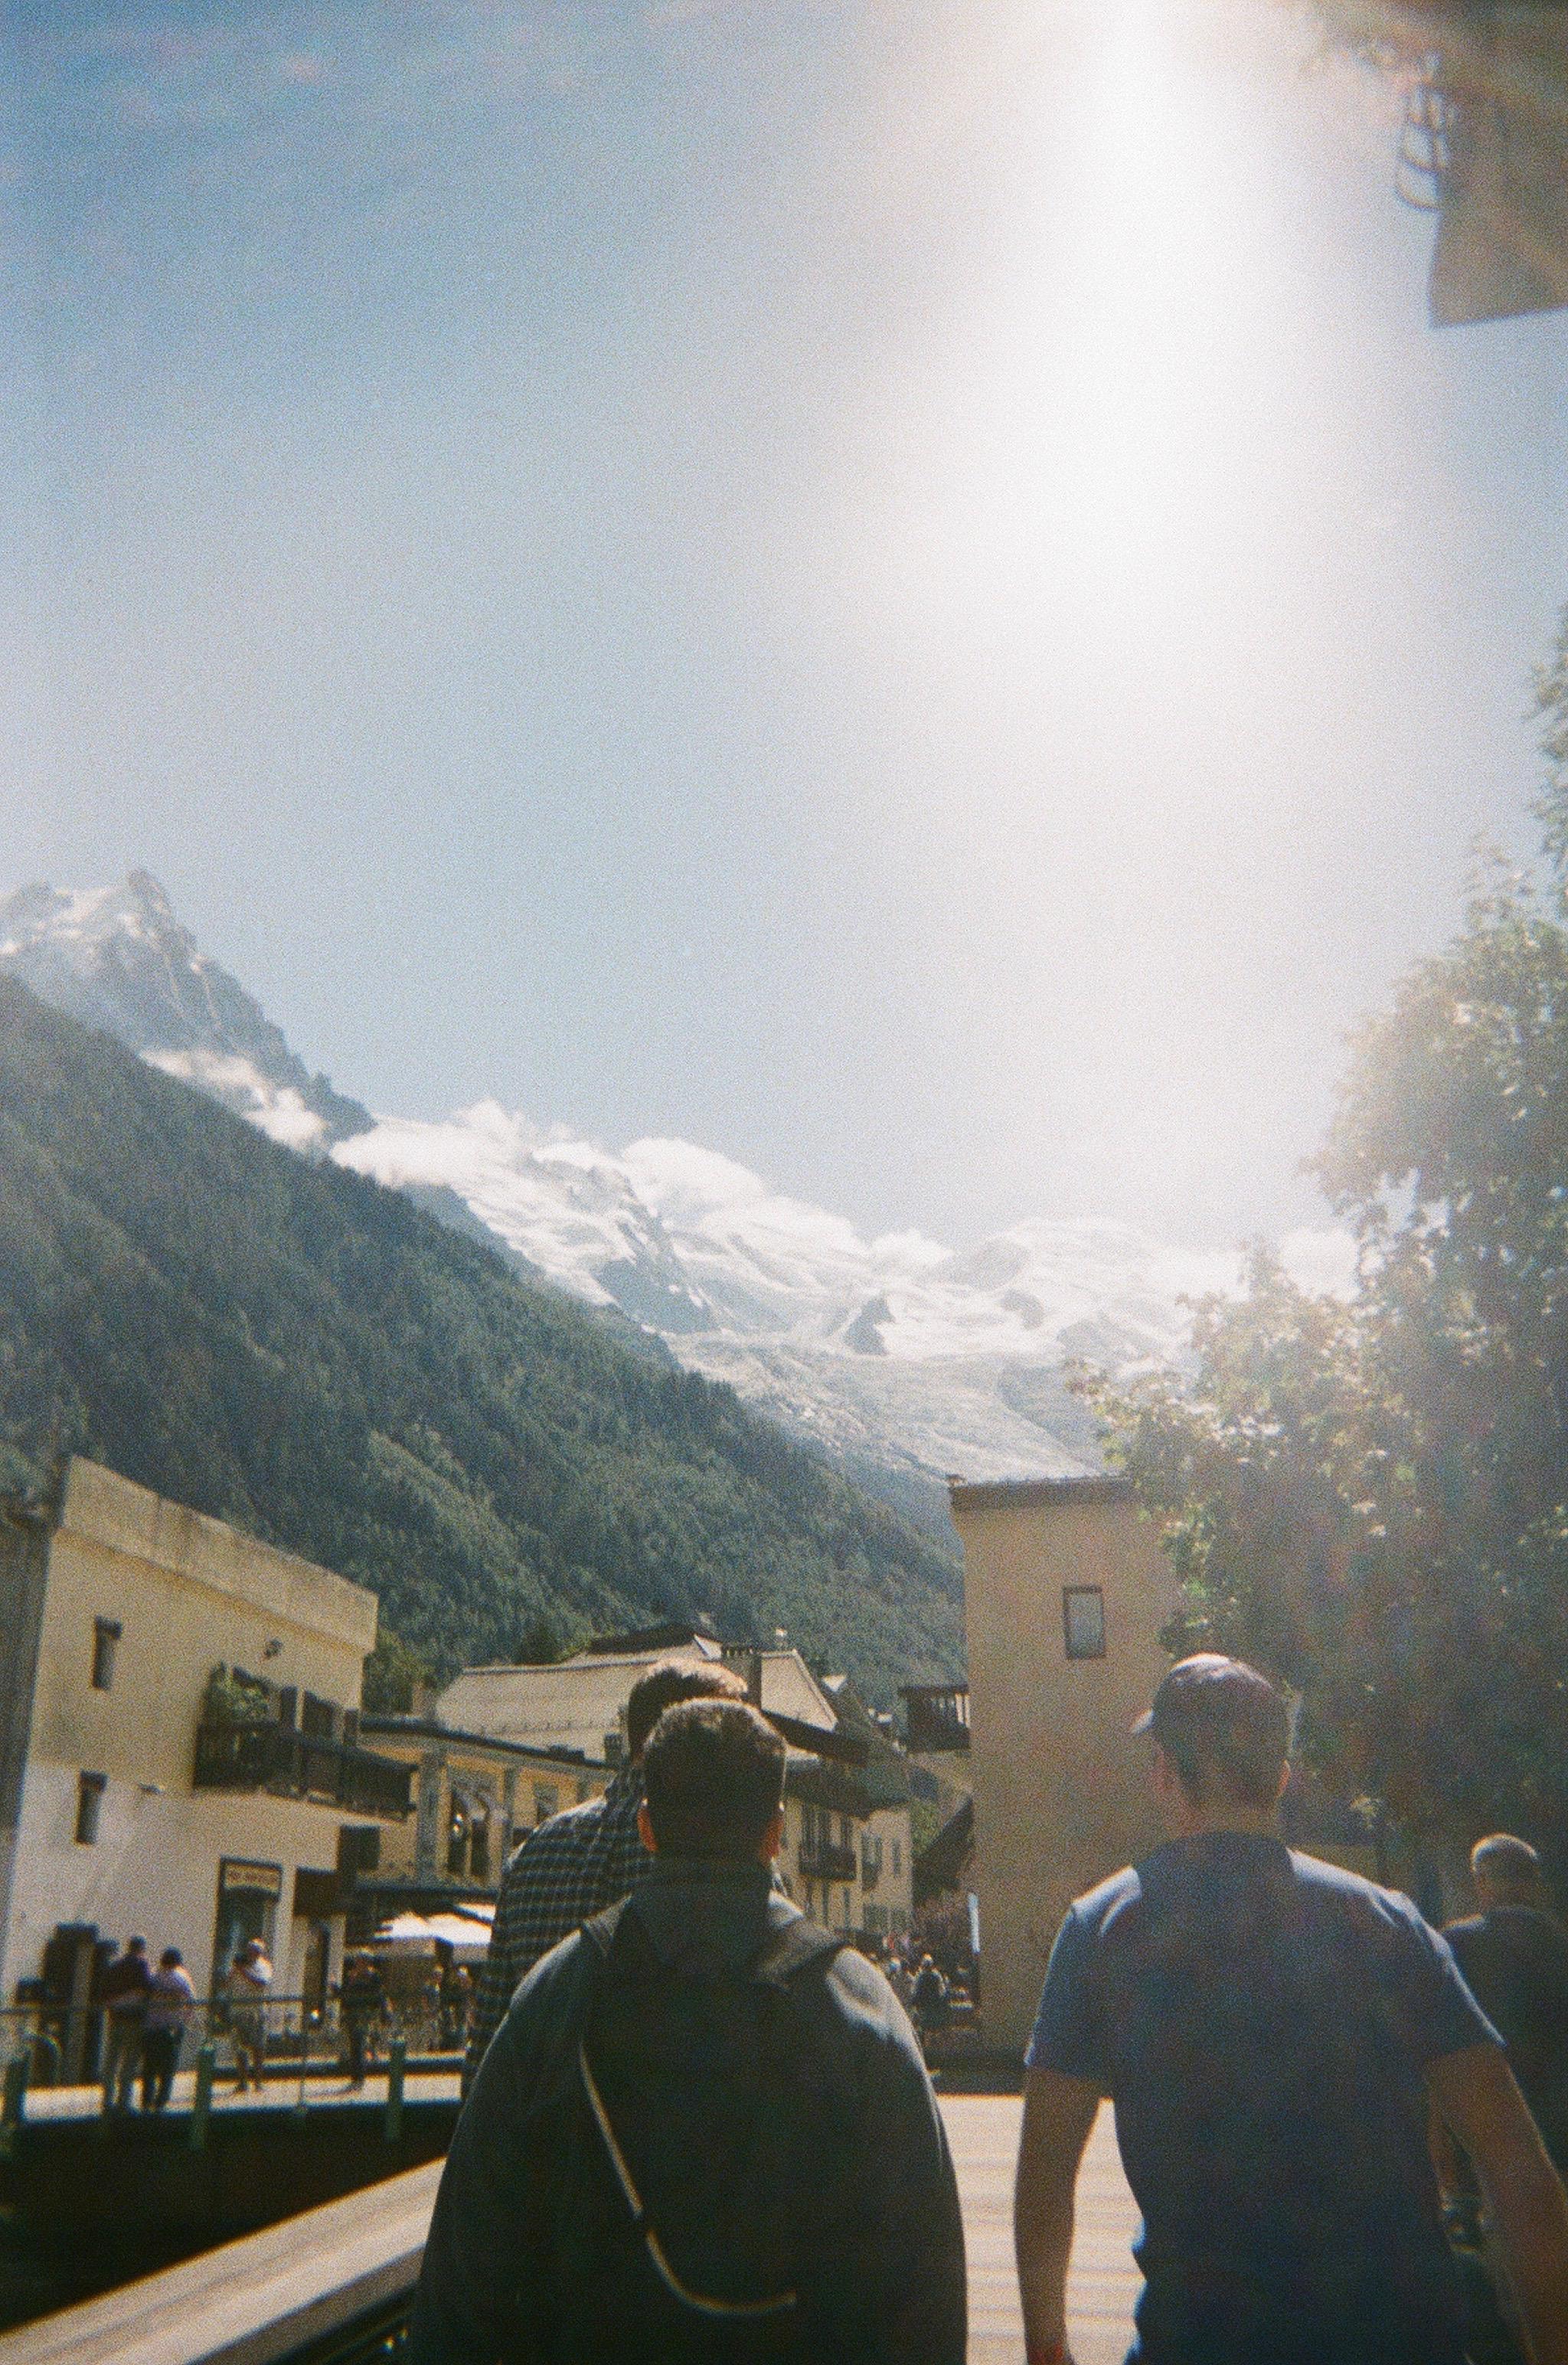 Nicki-Lange-Ultra-Trail-Du-Mont-Blanc-2018-41.jpg